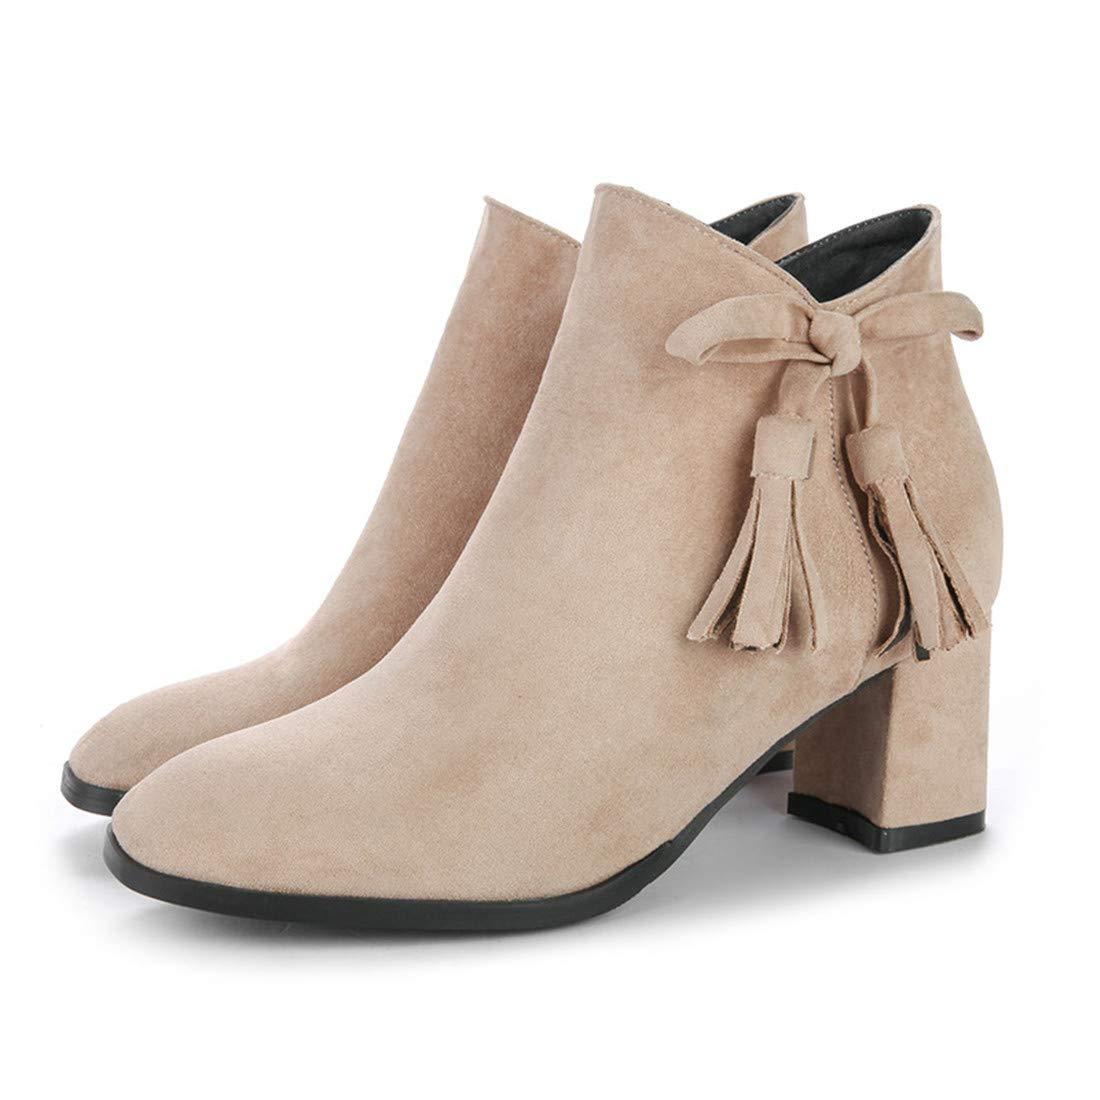 Stiefel-DEDE Stiefel   Kurze röhren Martin Stiefel  Damenschuhe wild   Kurze Stiefel mit hohen absätzen und großer größe